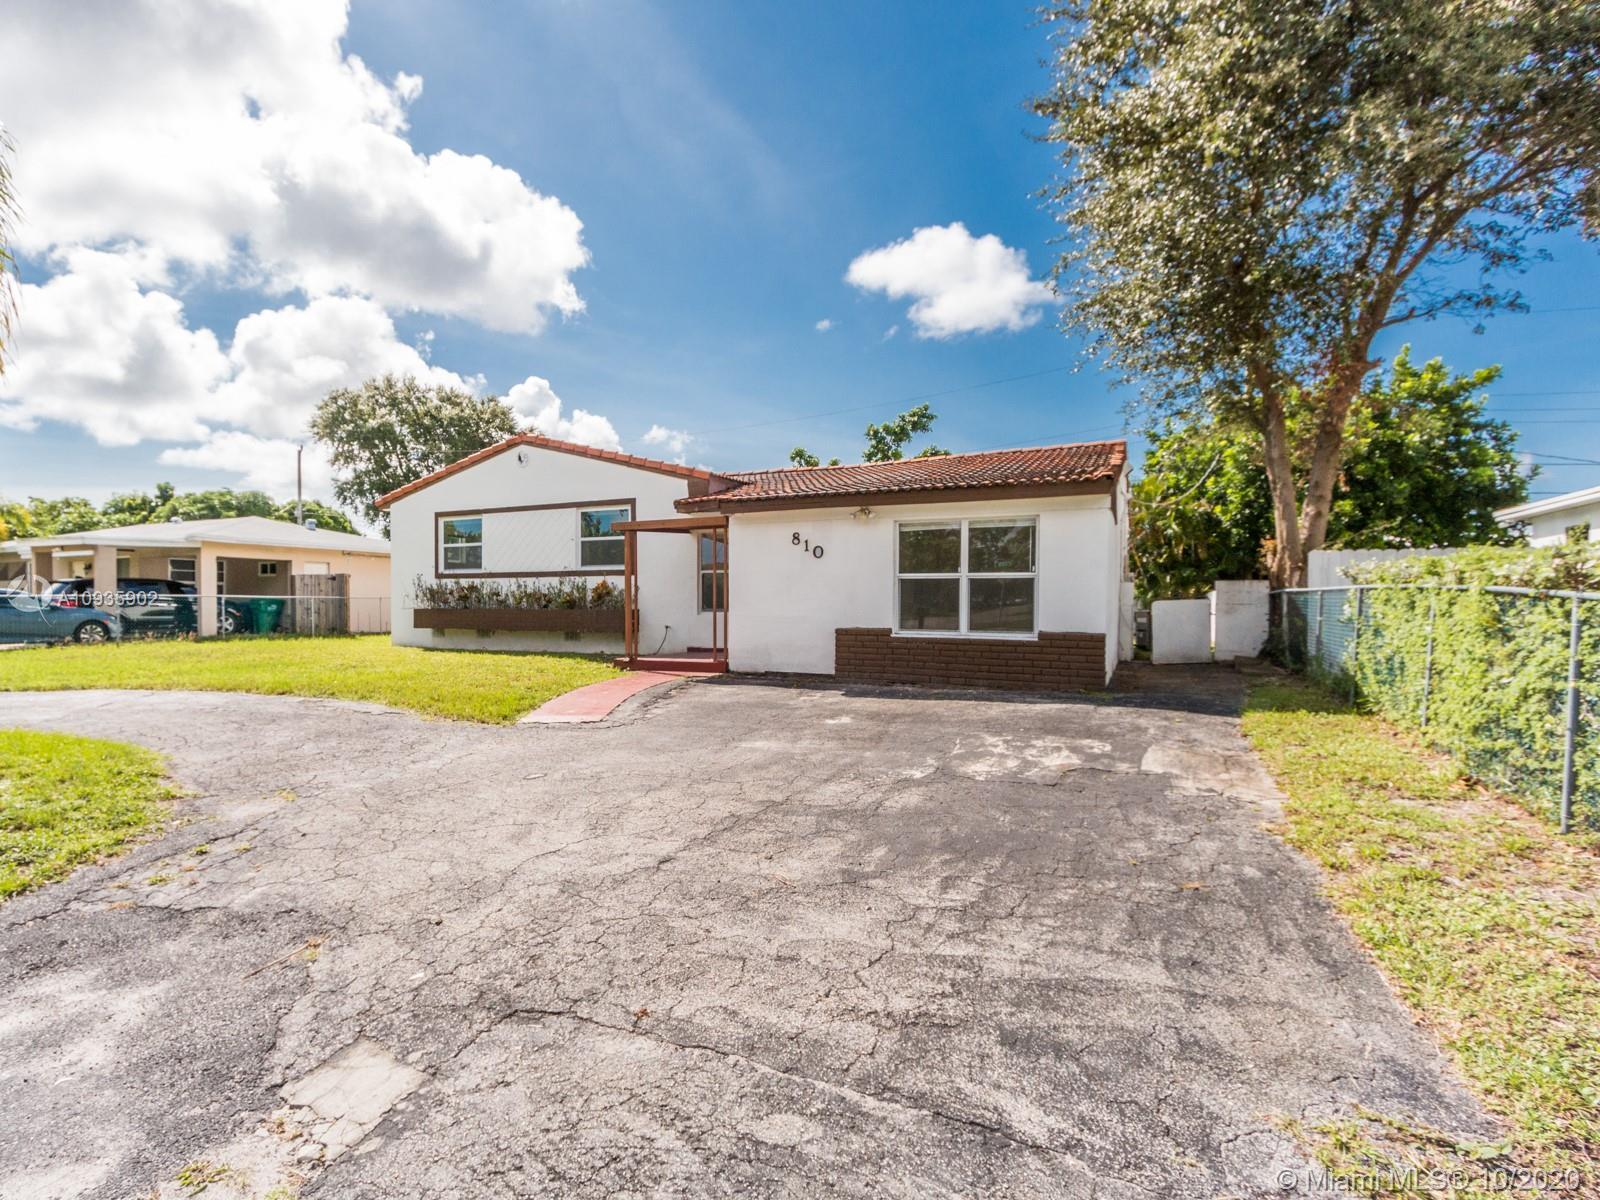 Windward - 810 NE 175th St, Miami, FL 33162